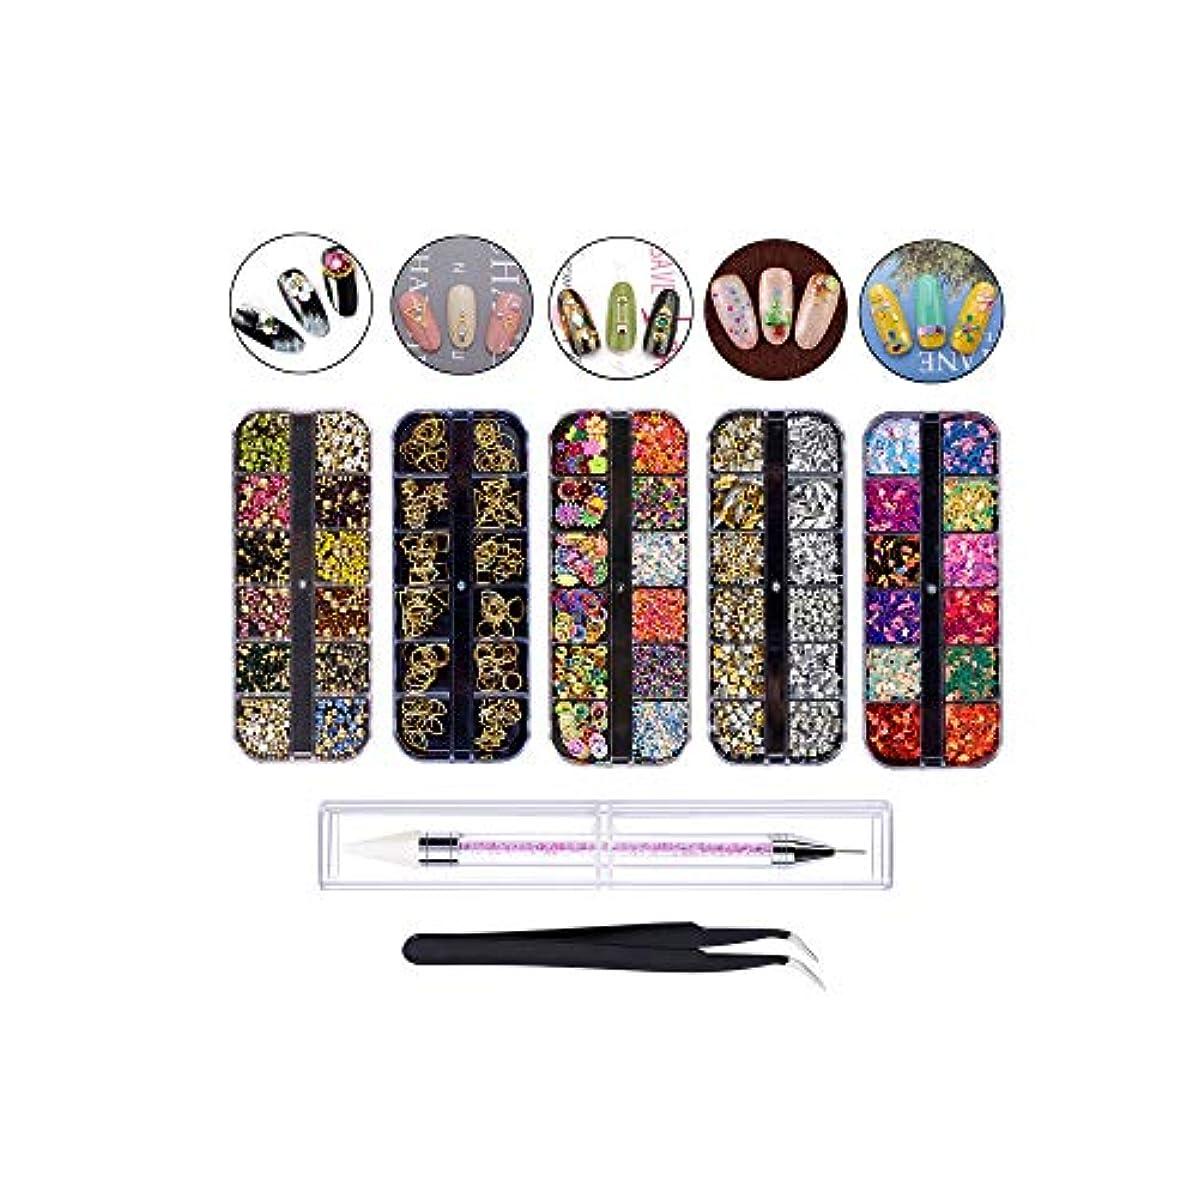 仲介者半円カーペットネイルパーツ ネイル デコ用 カラーラインストーン 5個のケース入り 大容量セット 3D ネイルアート セルフネイル レジン ネイル ピンセット1本付き1ポイントドリルペン